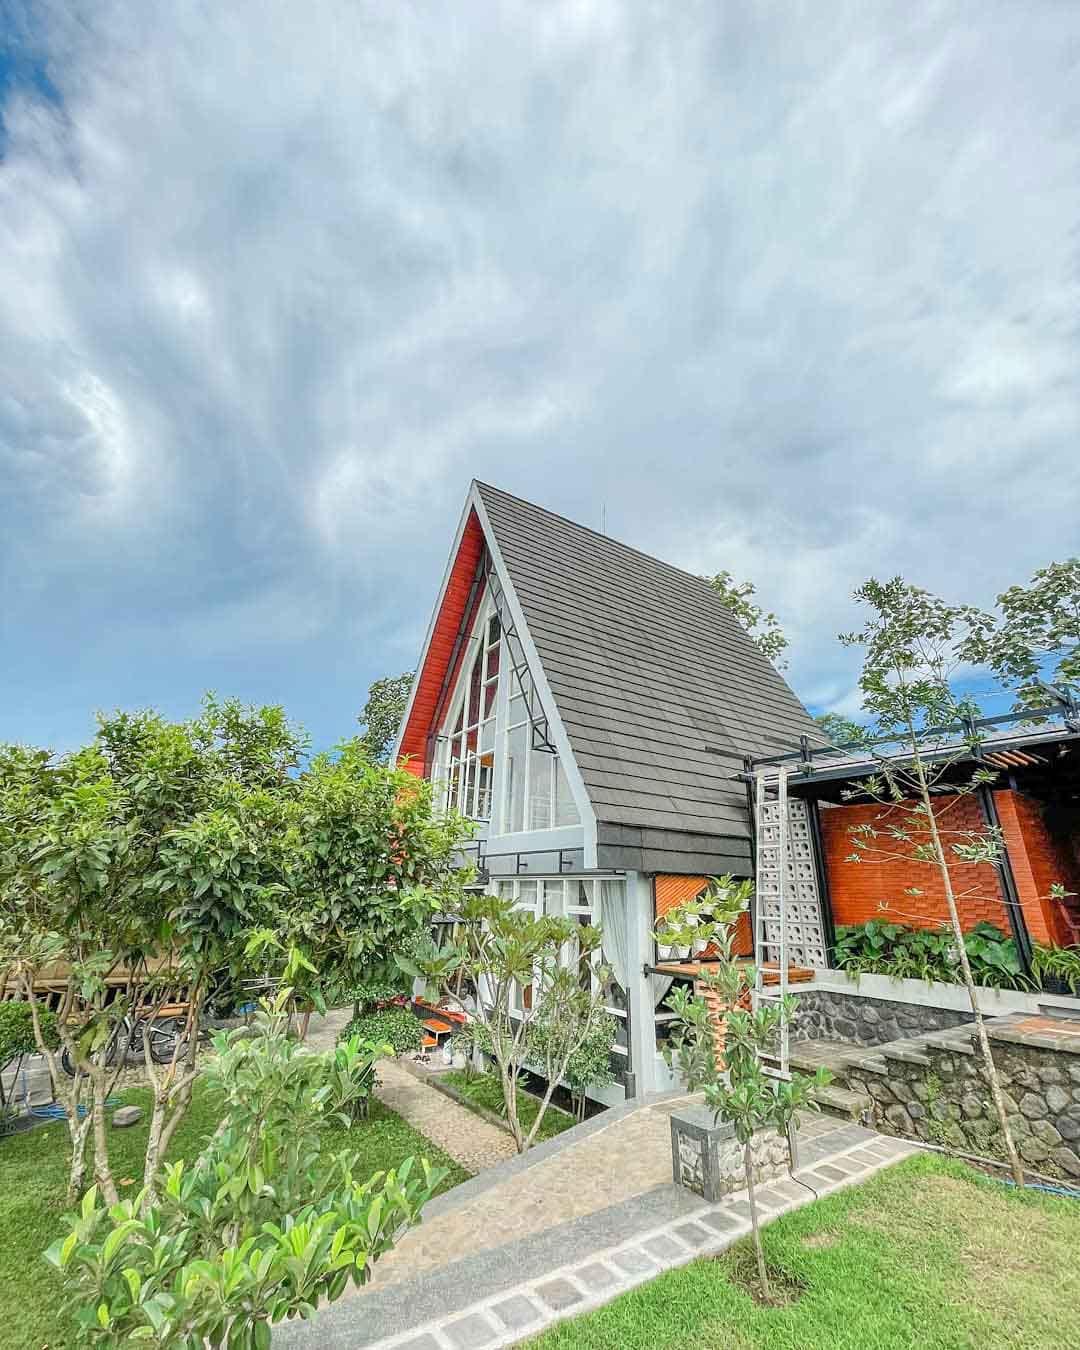 Bangunan Minimalis Di Kanvill Dau Malang Image From @kanvill_dau